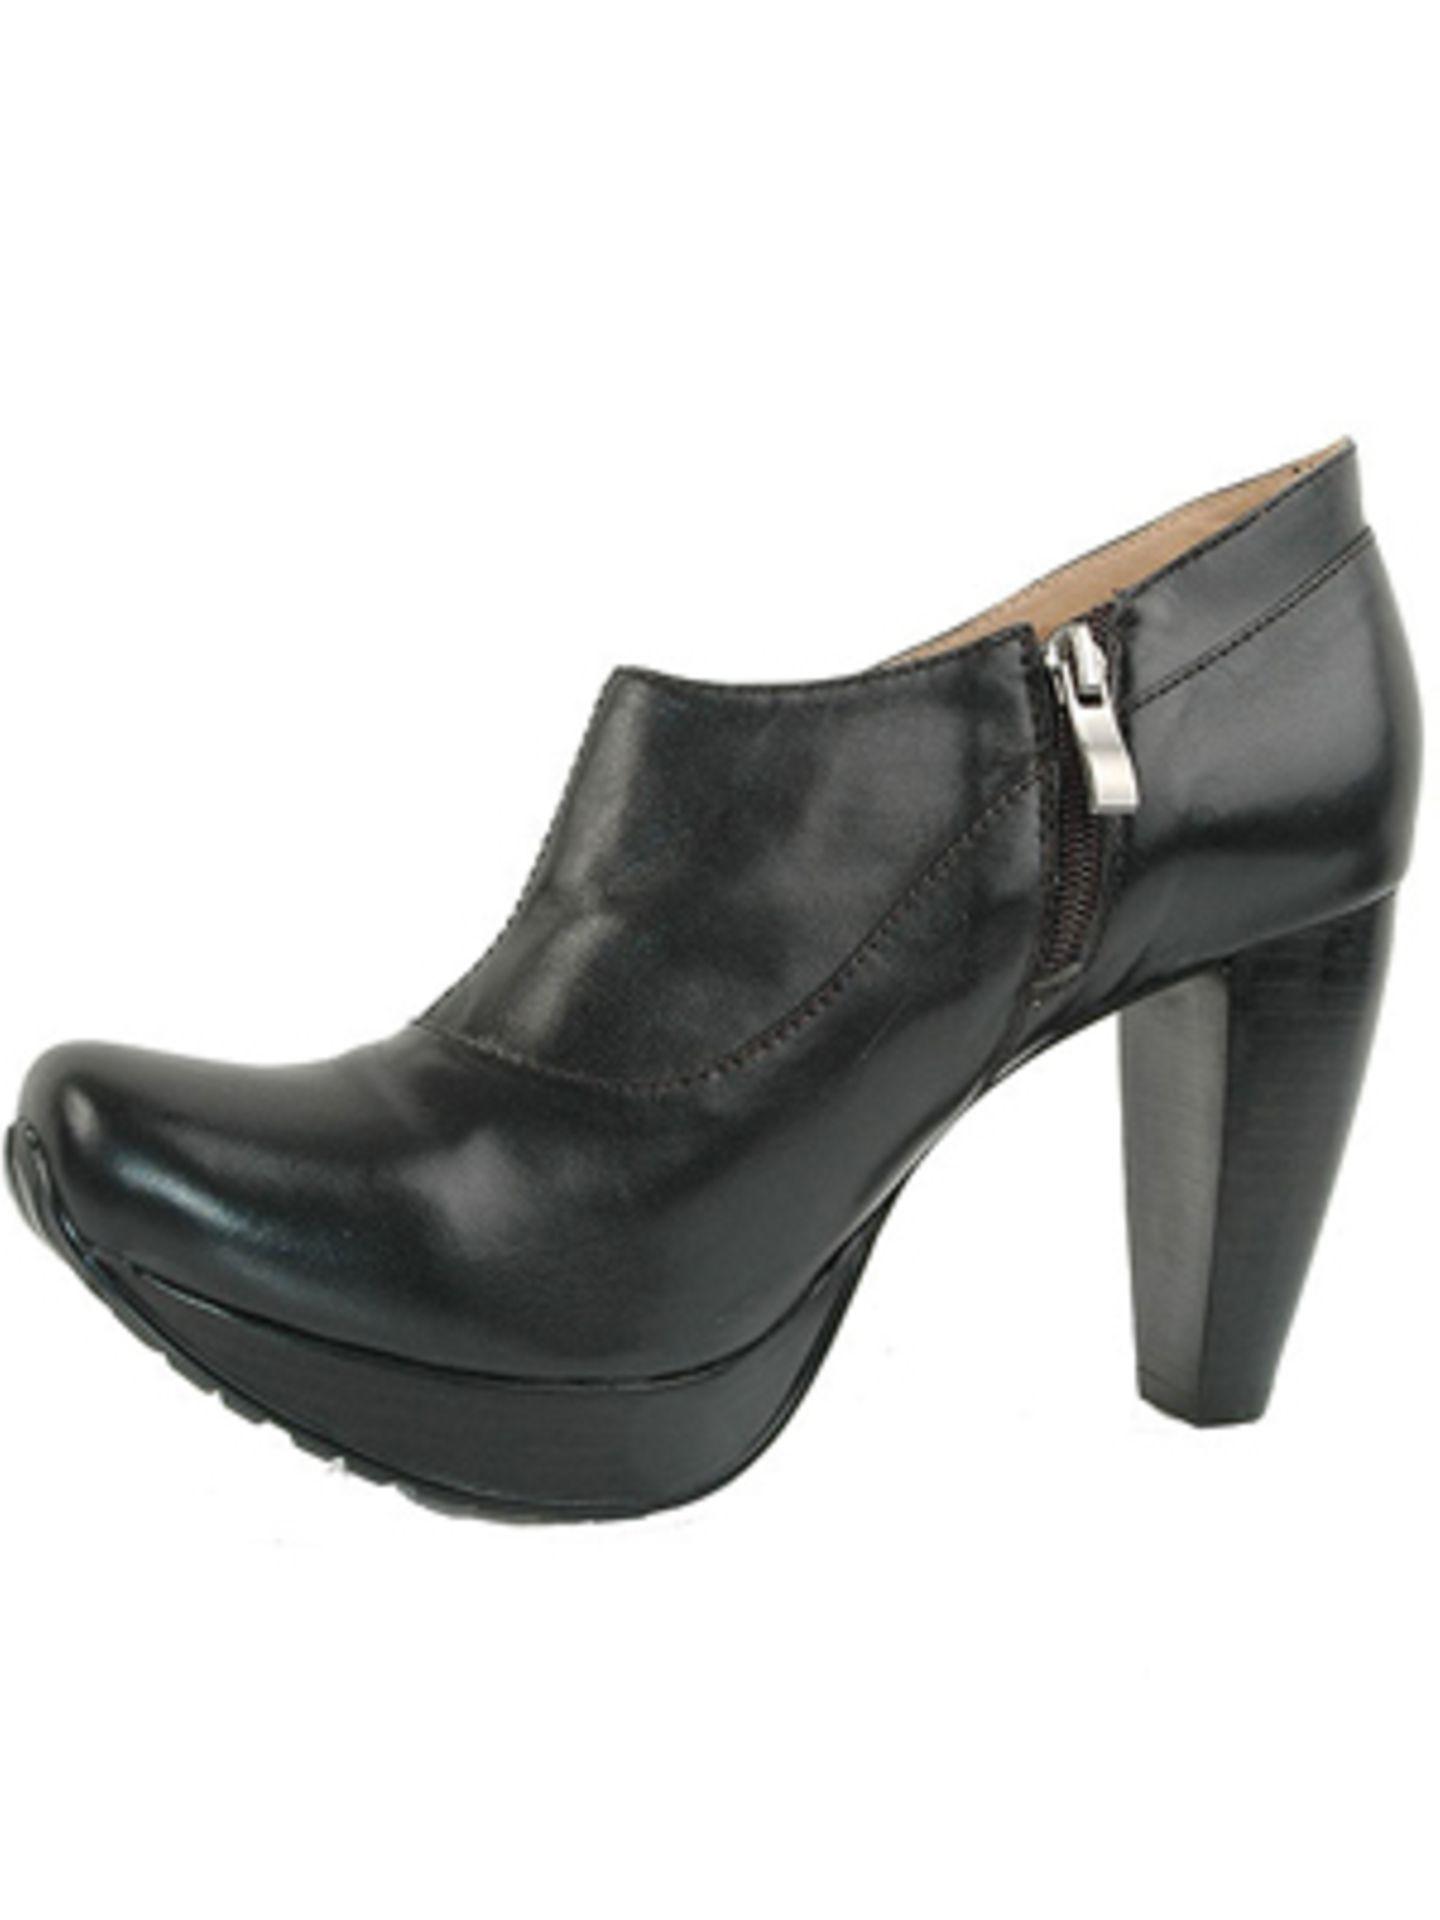 Ankleboots mit hohem Absatz aus schwarzem Leder von Mango, um 129 Euro. Über www.mangoshop.com